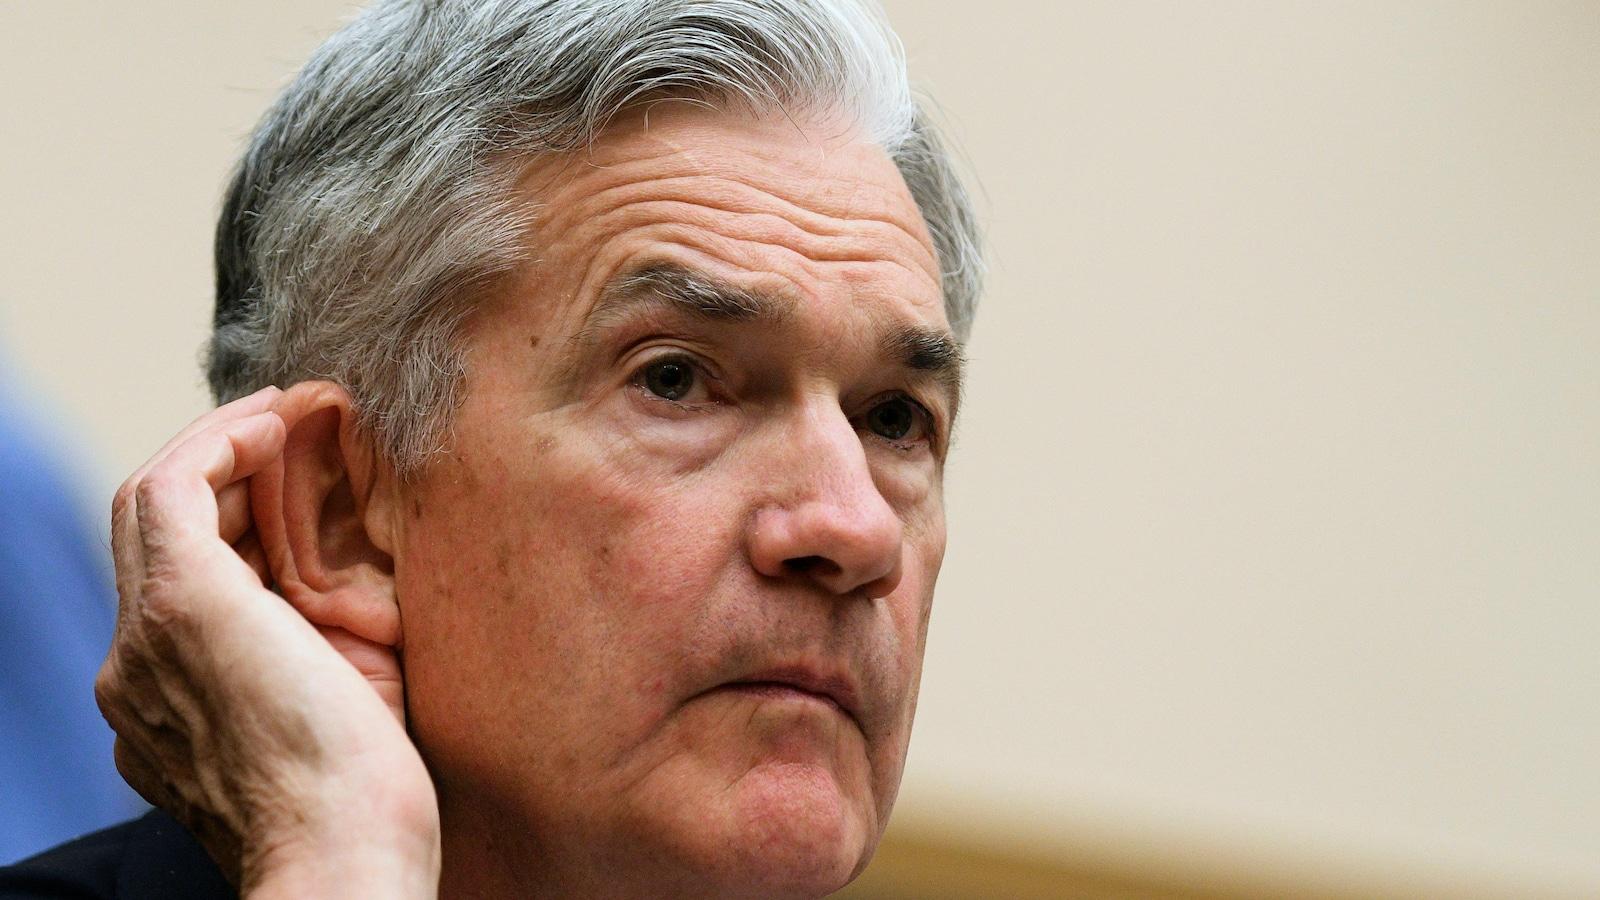 Jerome Powell, président de la Réserve fédérale américaine, témoigne devant la Commission des services financiers de la Chambre des représentants au sujet du Rapport semestriel sur la politique monétaire présenté au Congrès, à Washington.